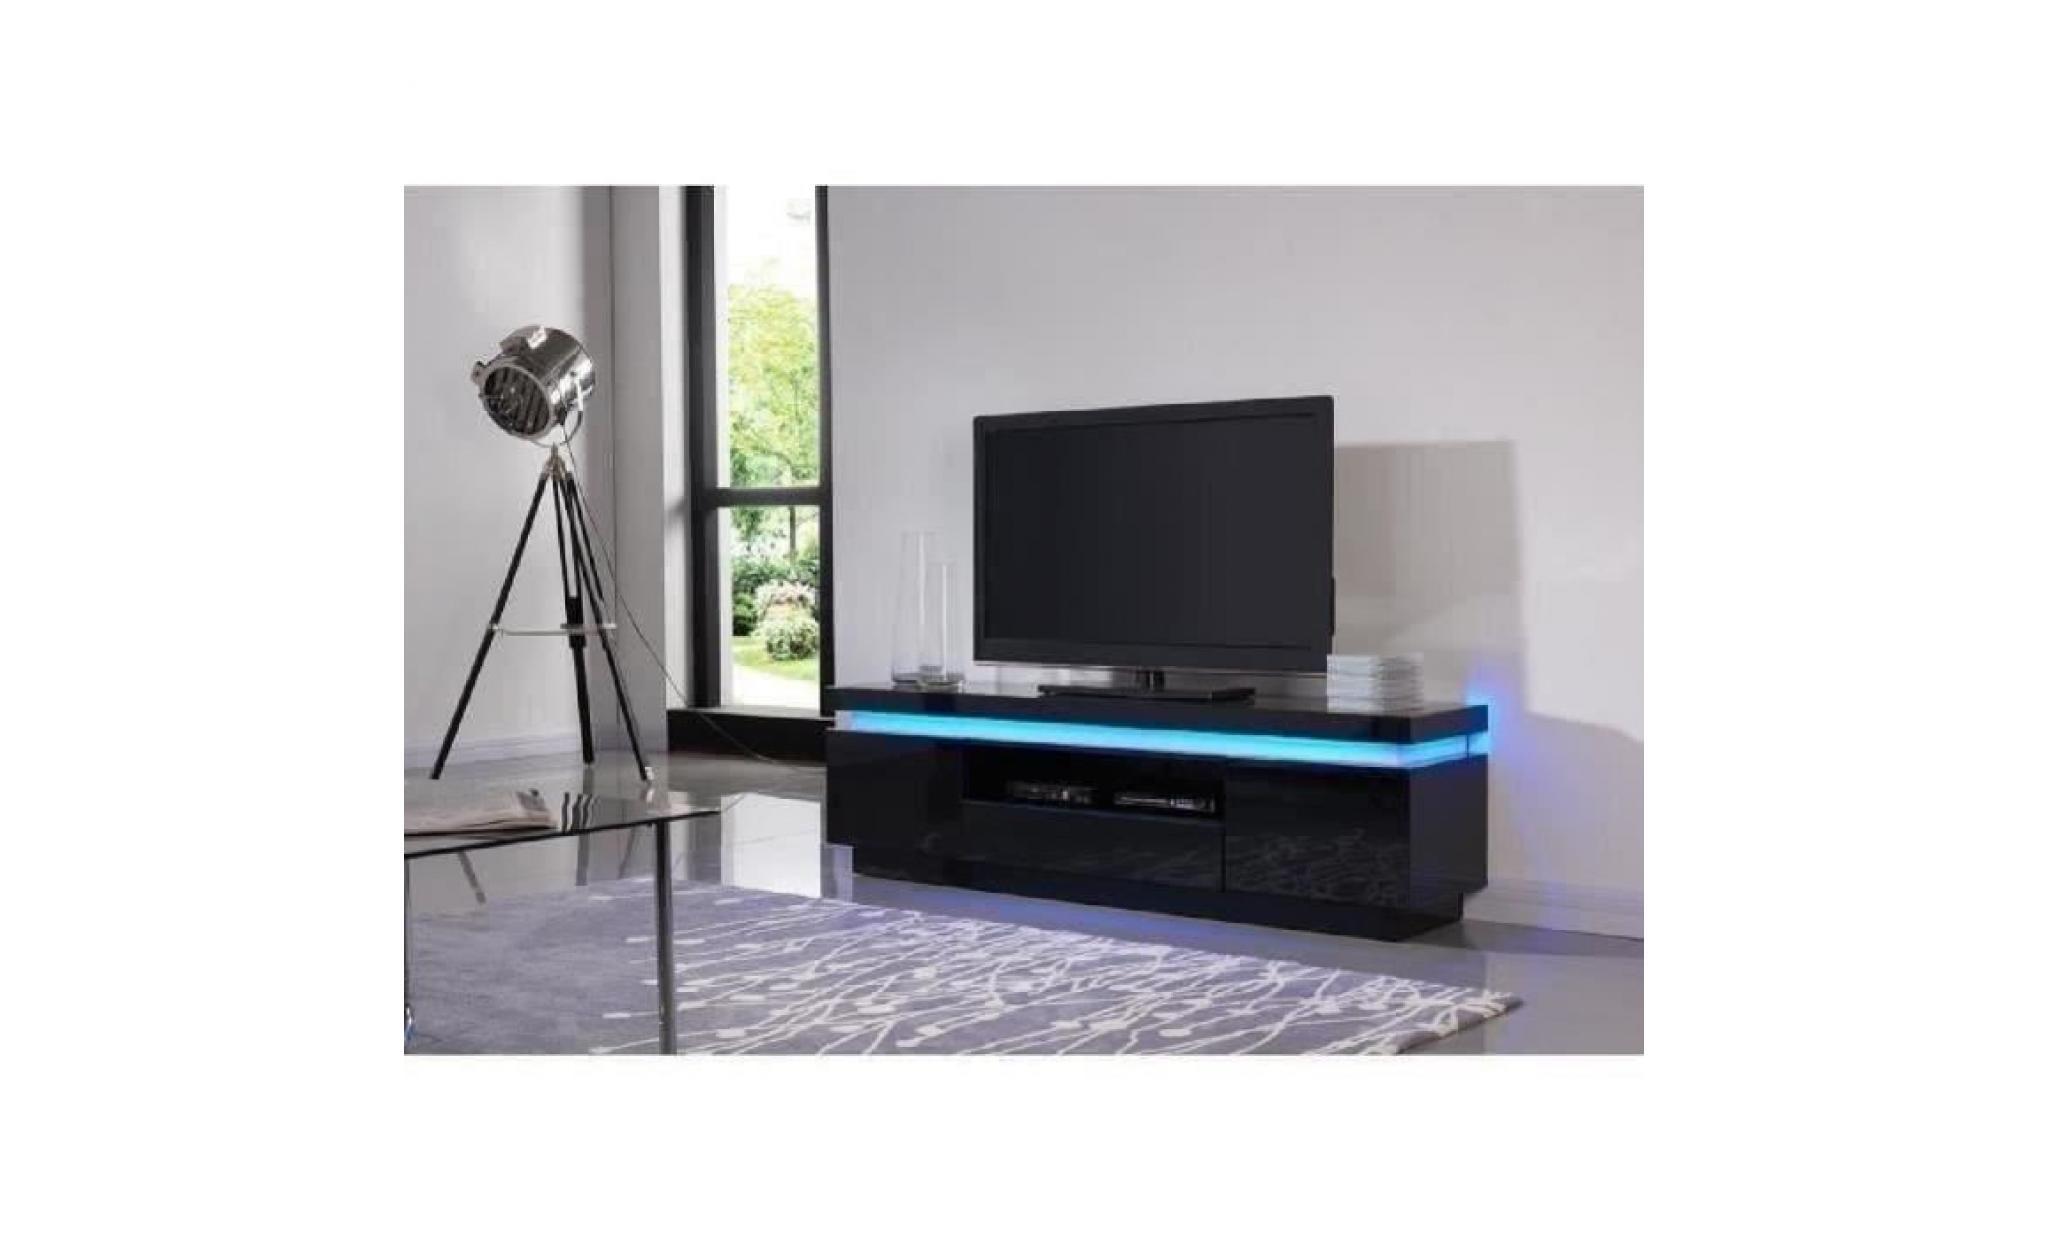 flash meuble tv avec led contemporain noir laque brillant l 165 cm achat vente meuble tv pas cher couleur et design fr